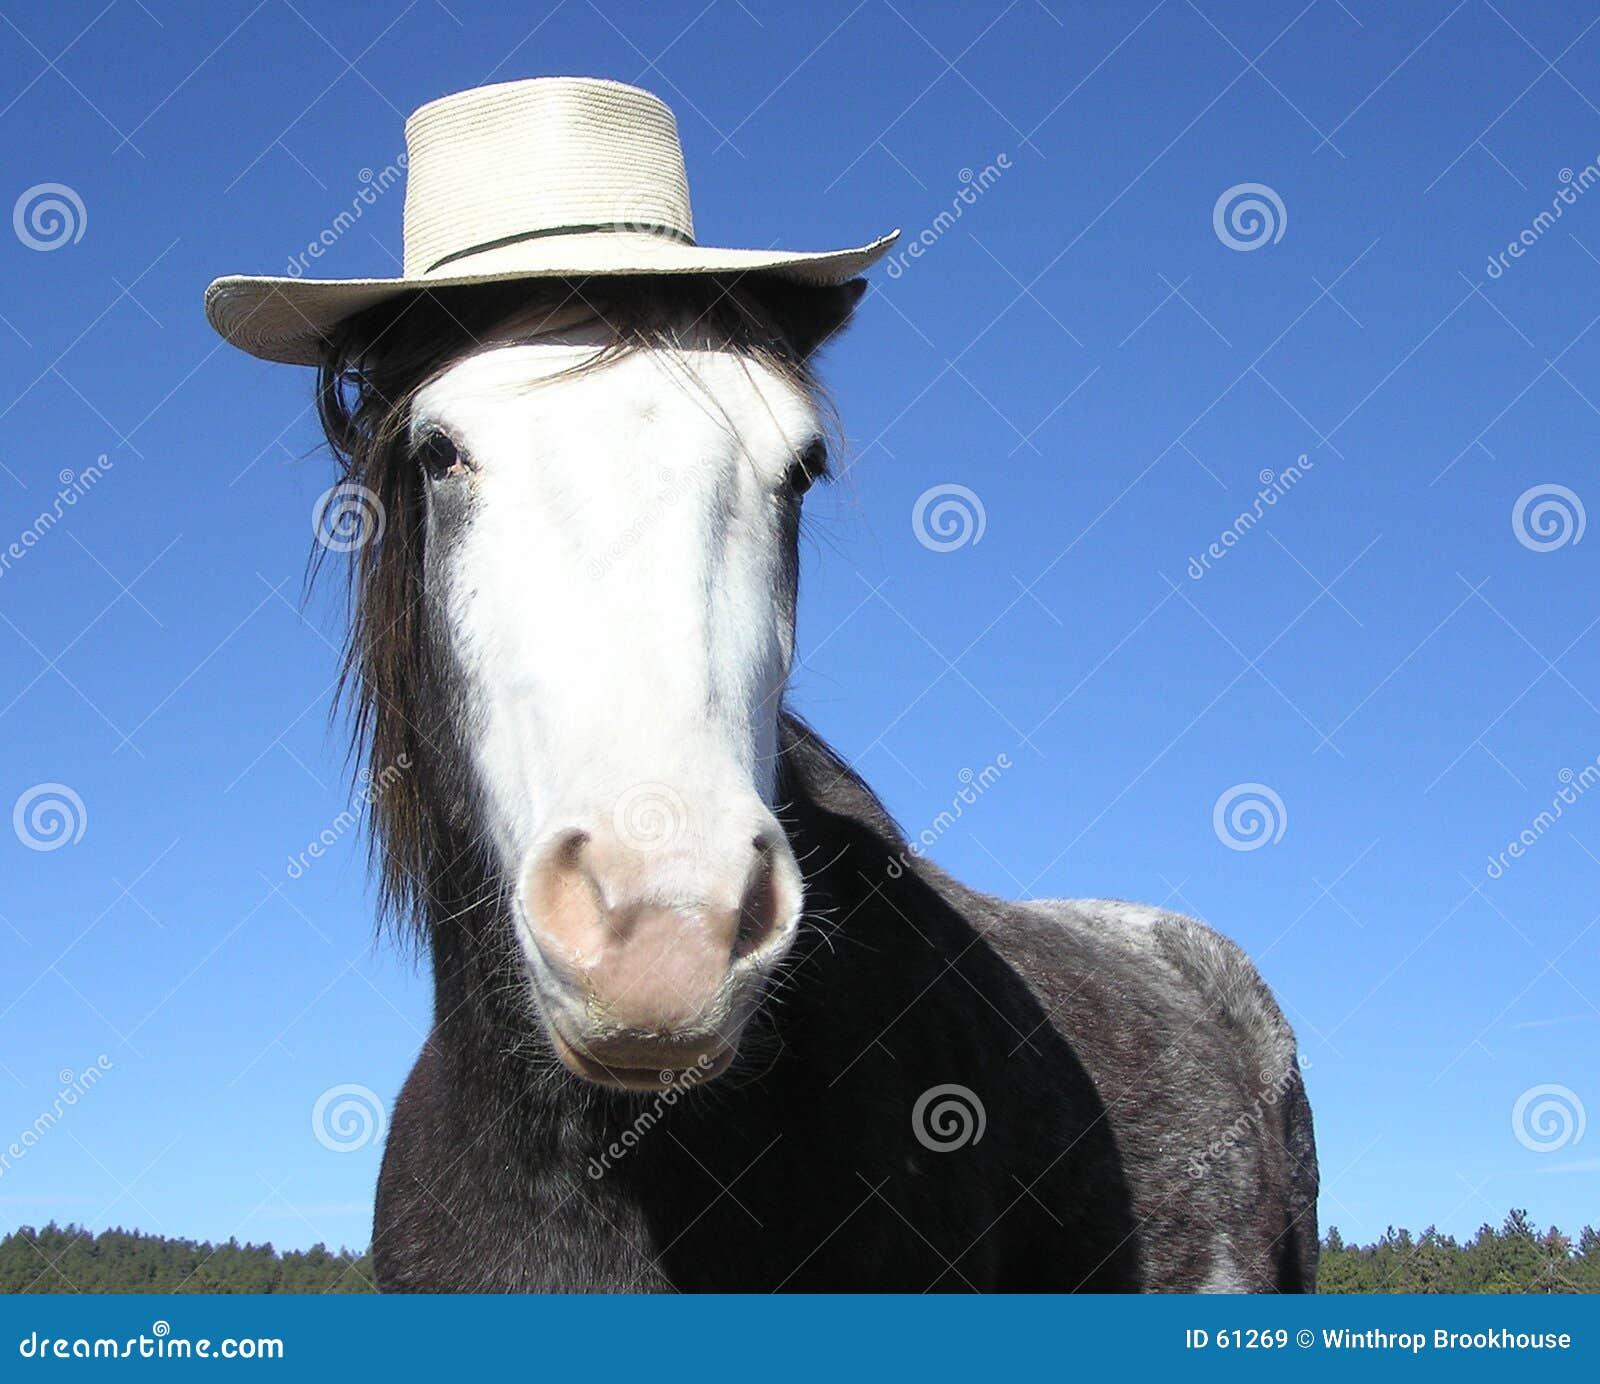 Hat końska słomy